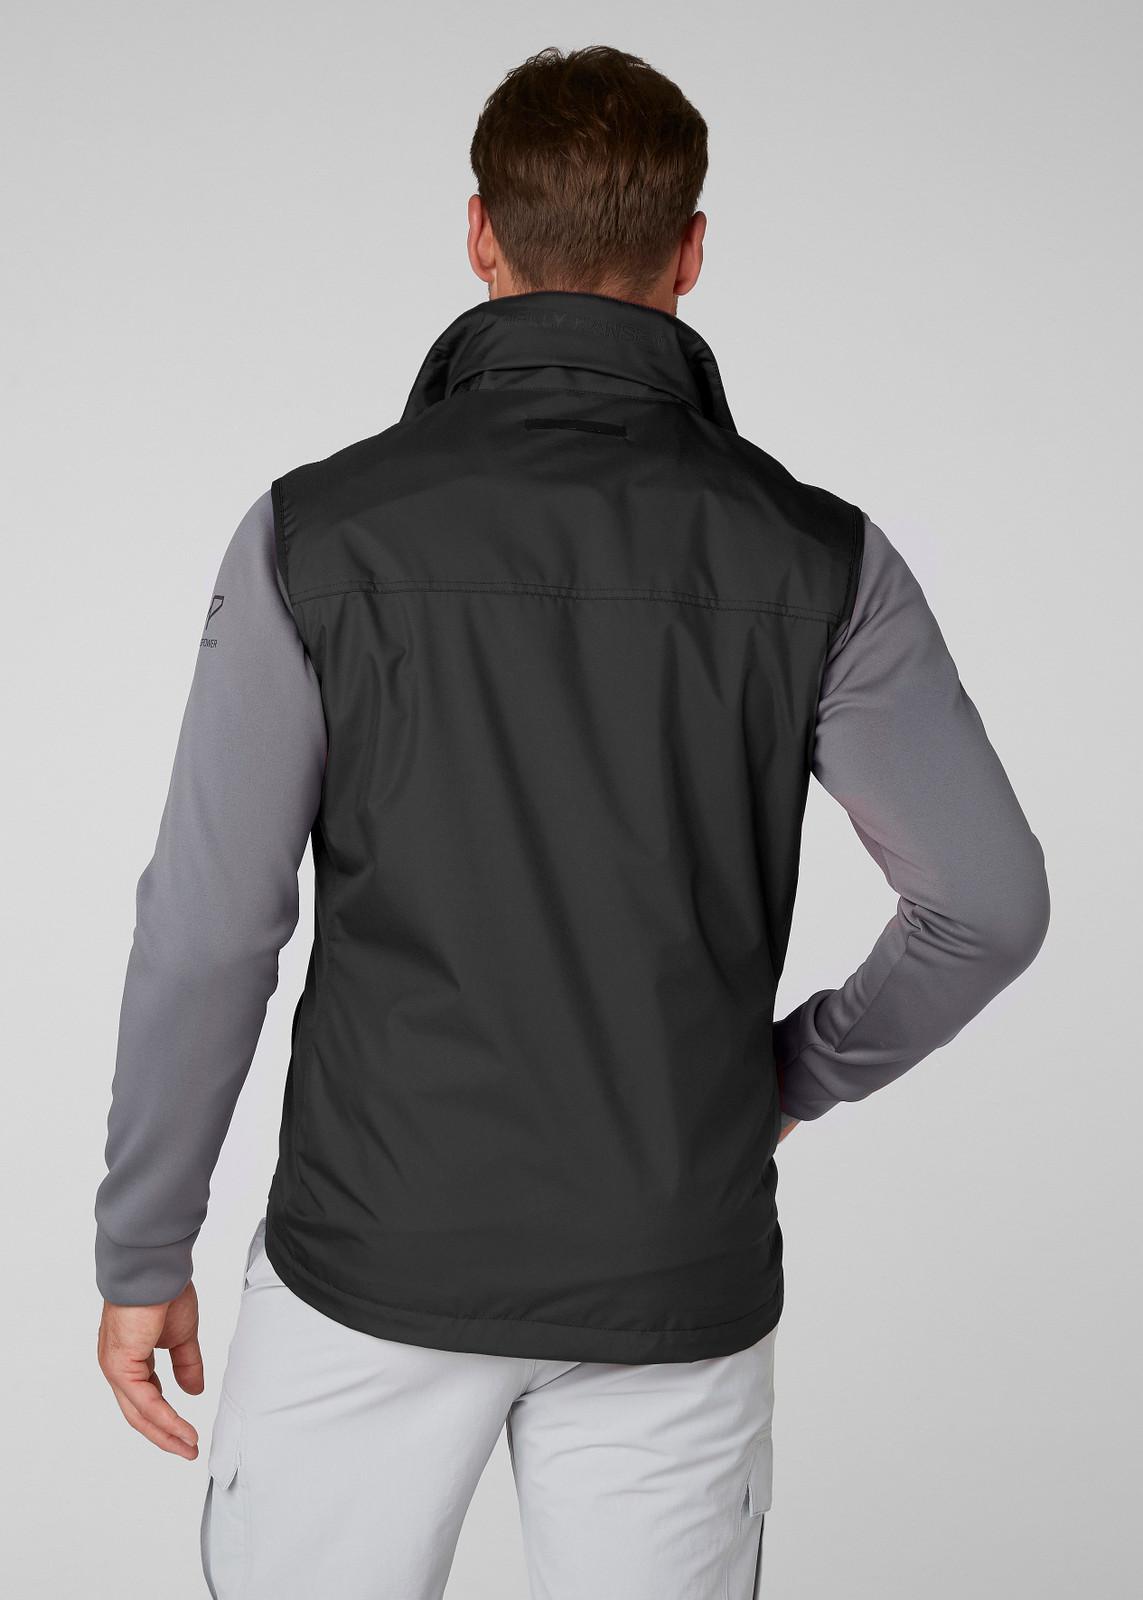 Helly Hansen Crew Vest, Men's - Black, 30270-990 (30270-990) on model back